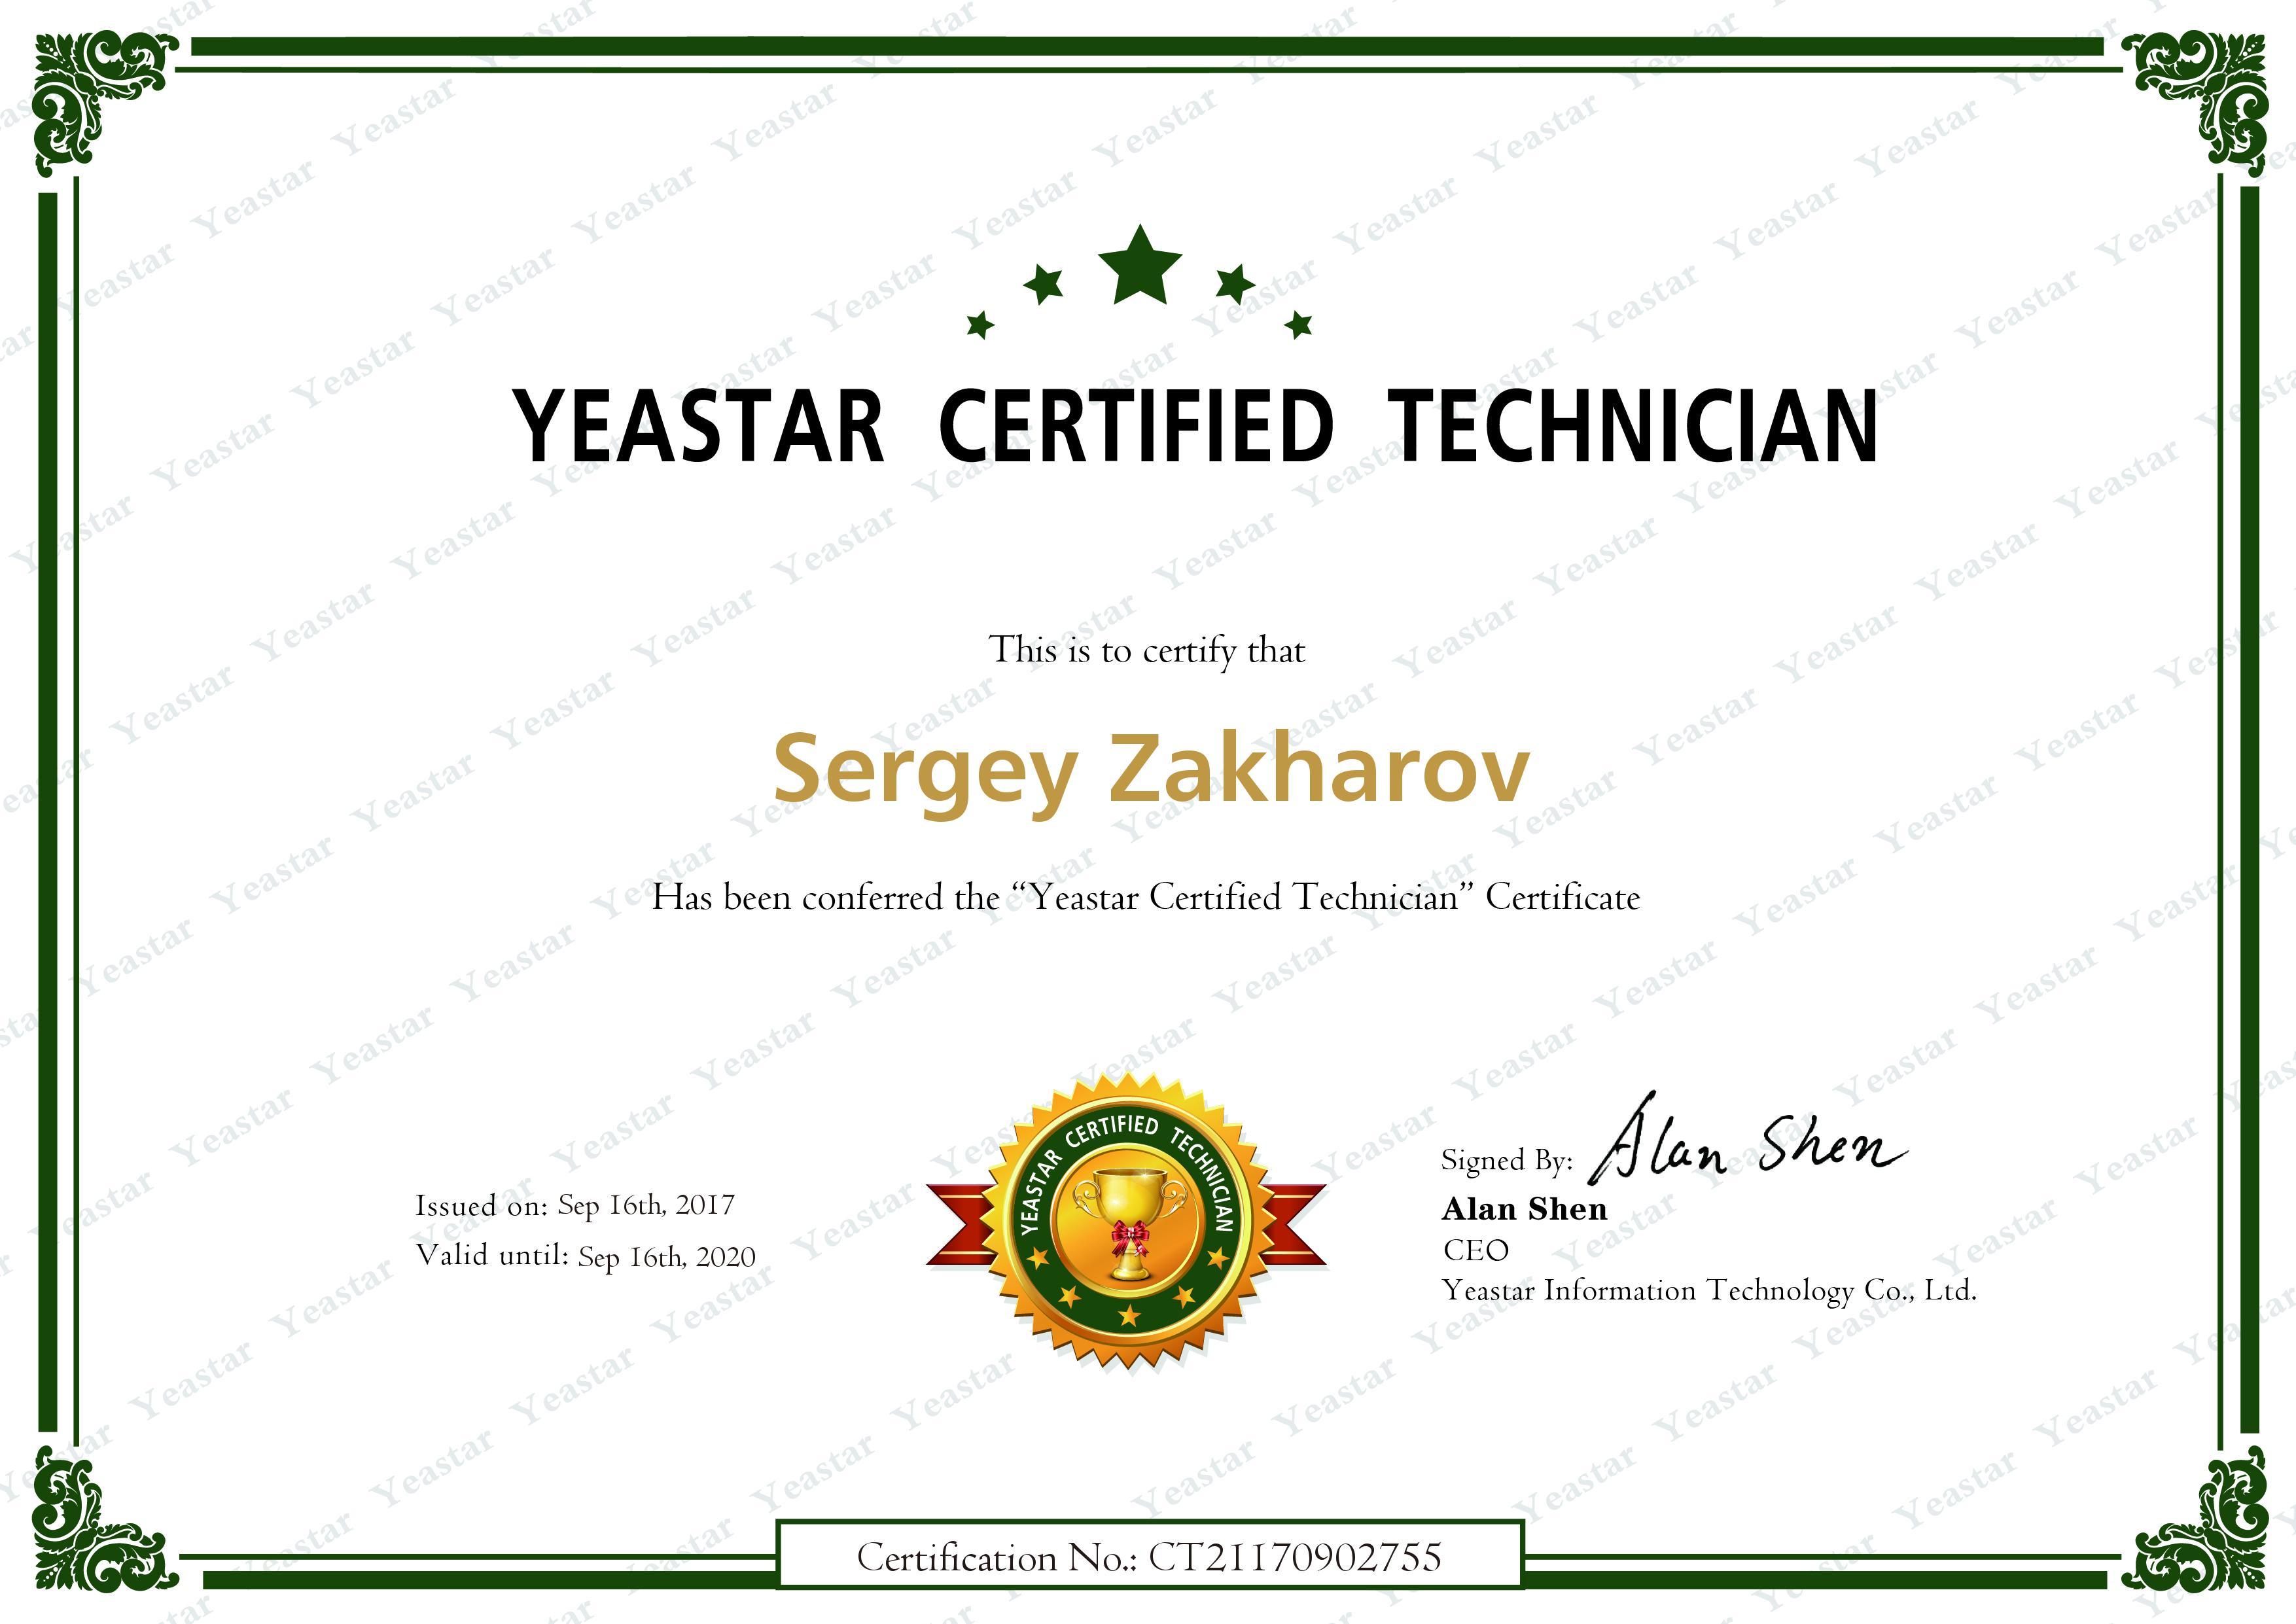 YSCT CT21170902755 Yeastar S300